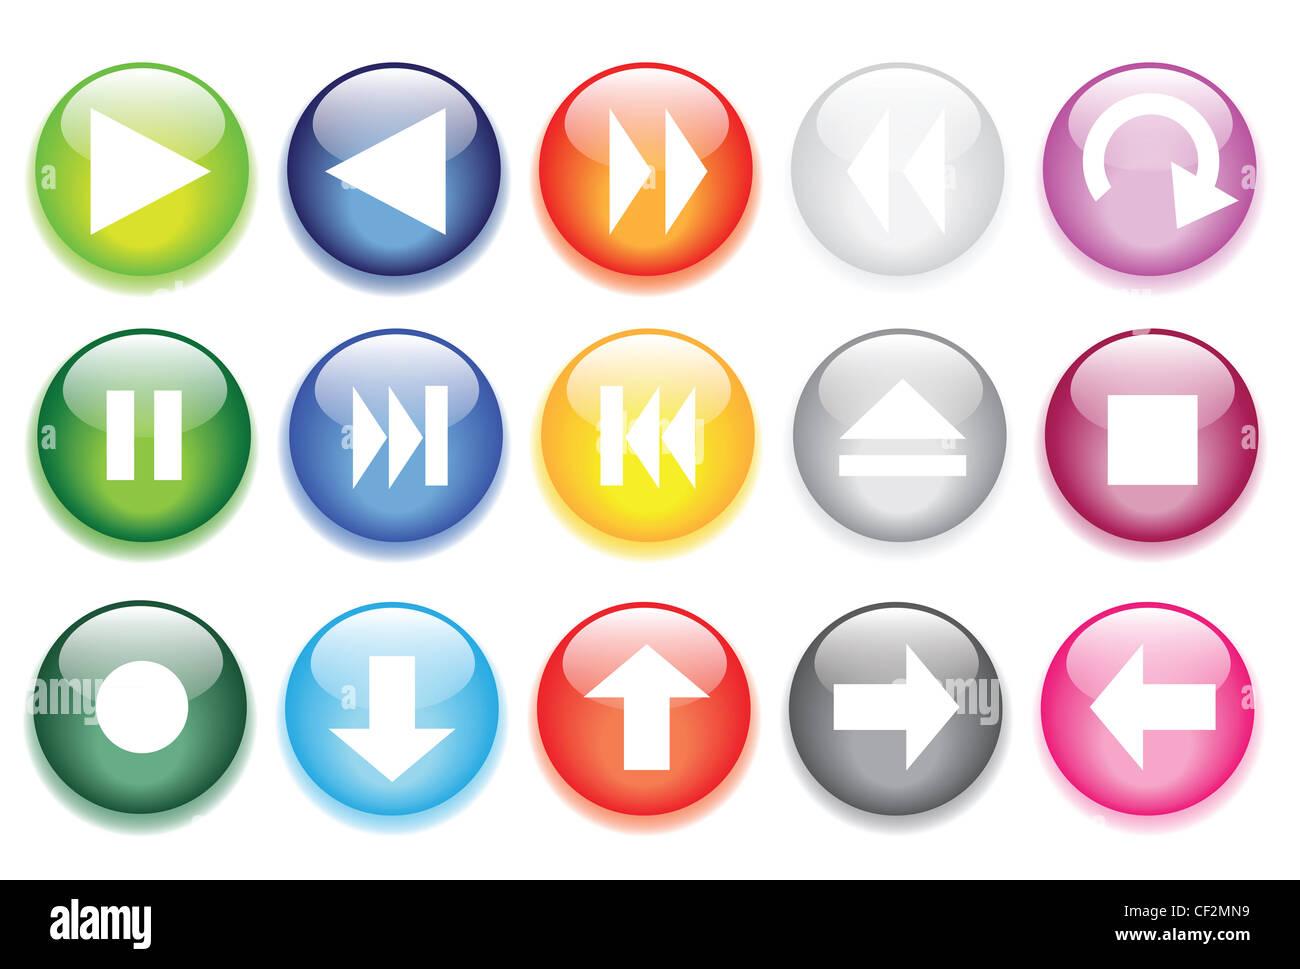 Ilustraciones de vectores de botones de vidrio satinado para iconos. Imagen De Stock